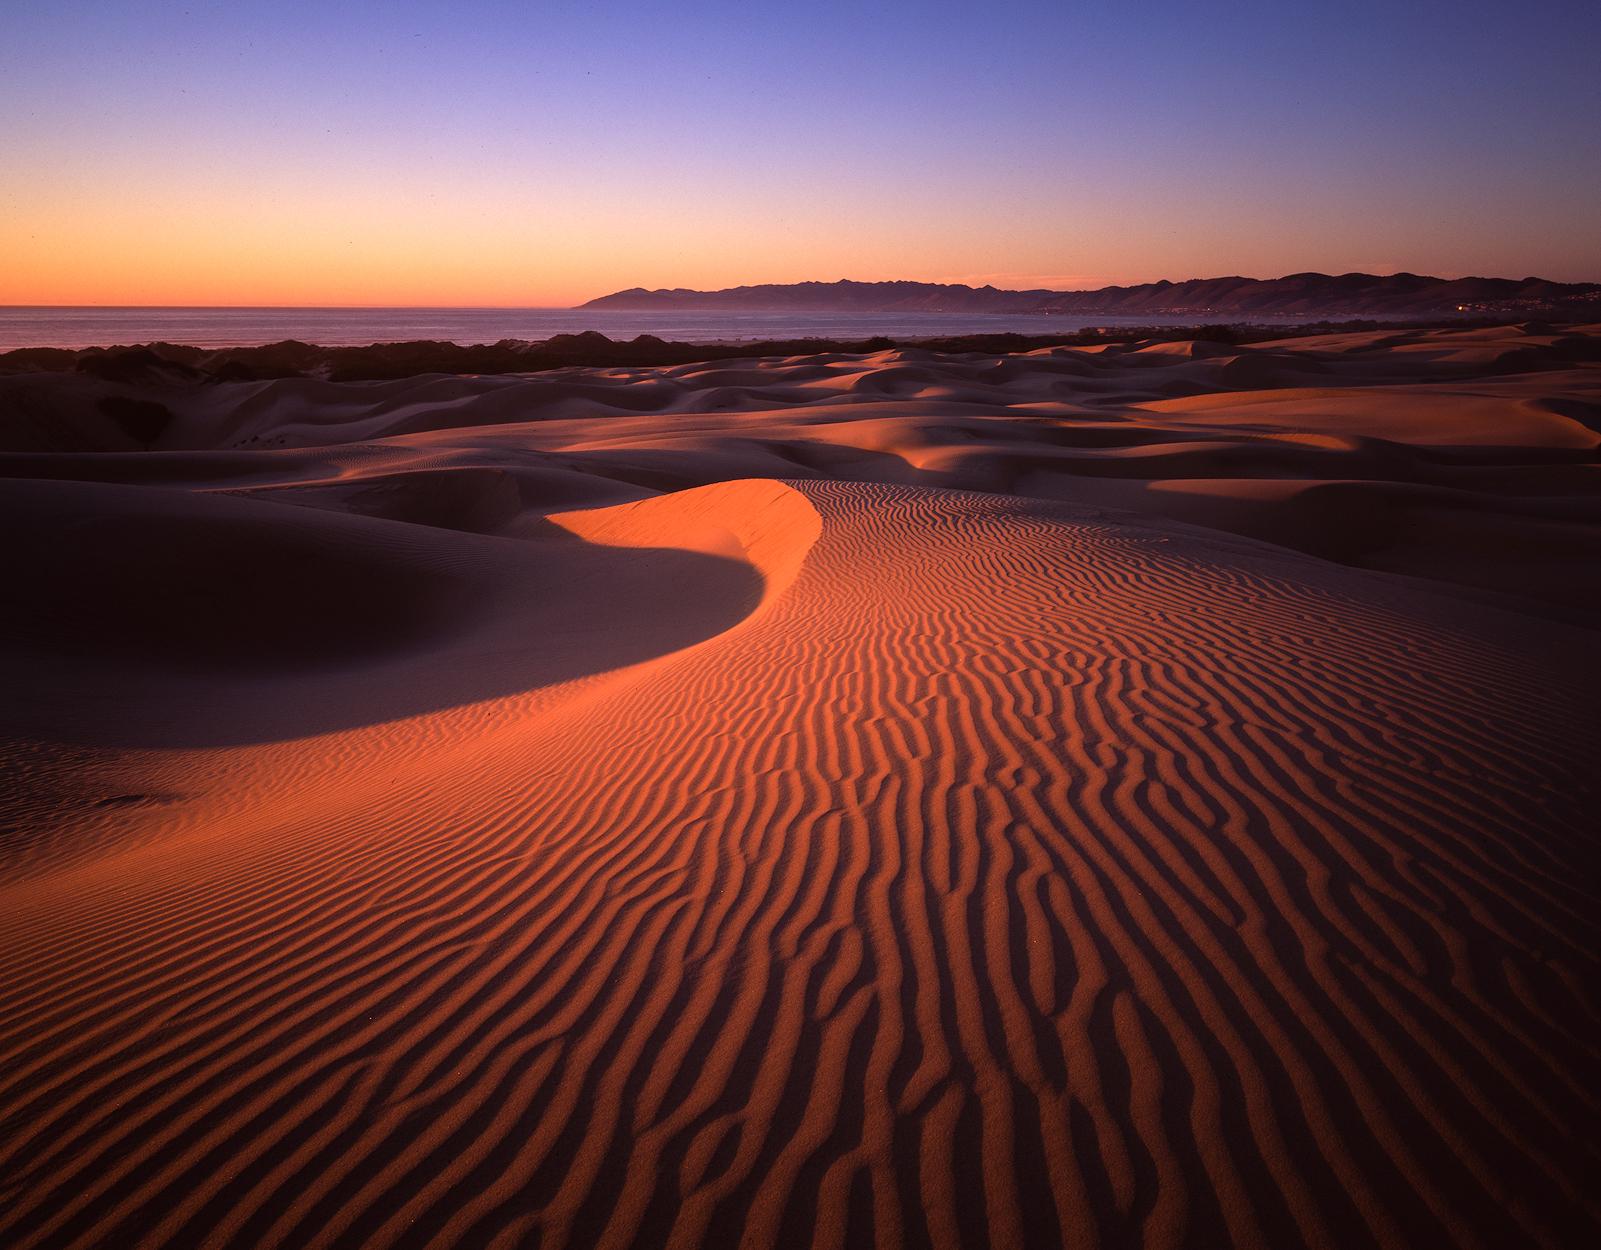 Windswept - Oceano Dunes, CA